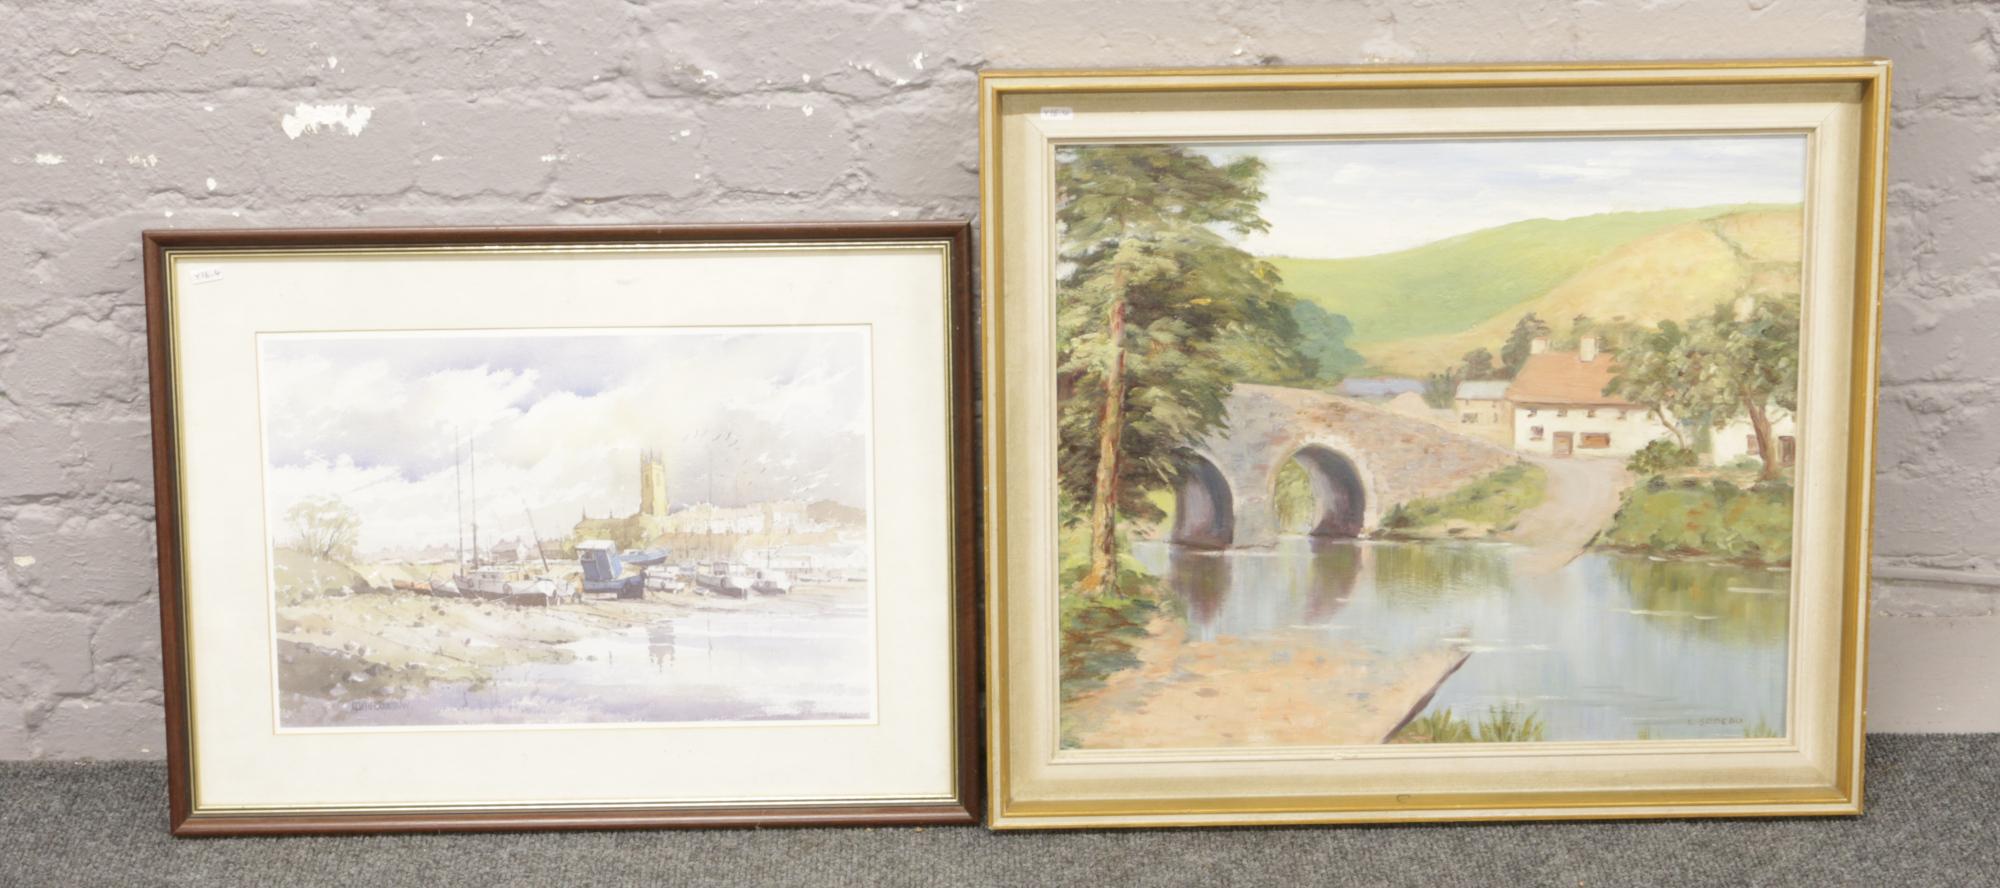 Lot 284 - A gilt framed oil on canvas, rural landscape. Signed L. Sodedu, along with a framed print after